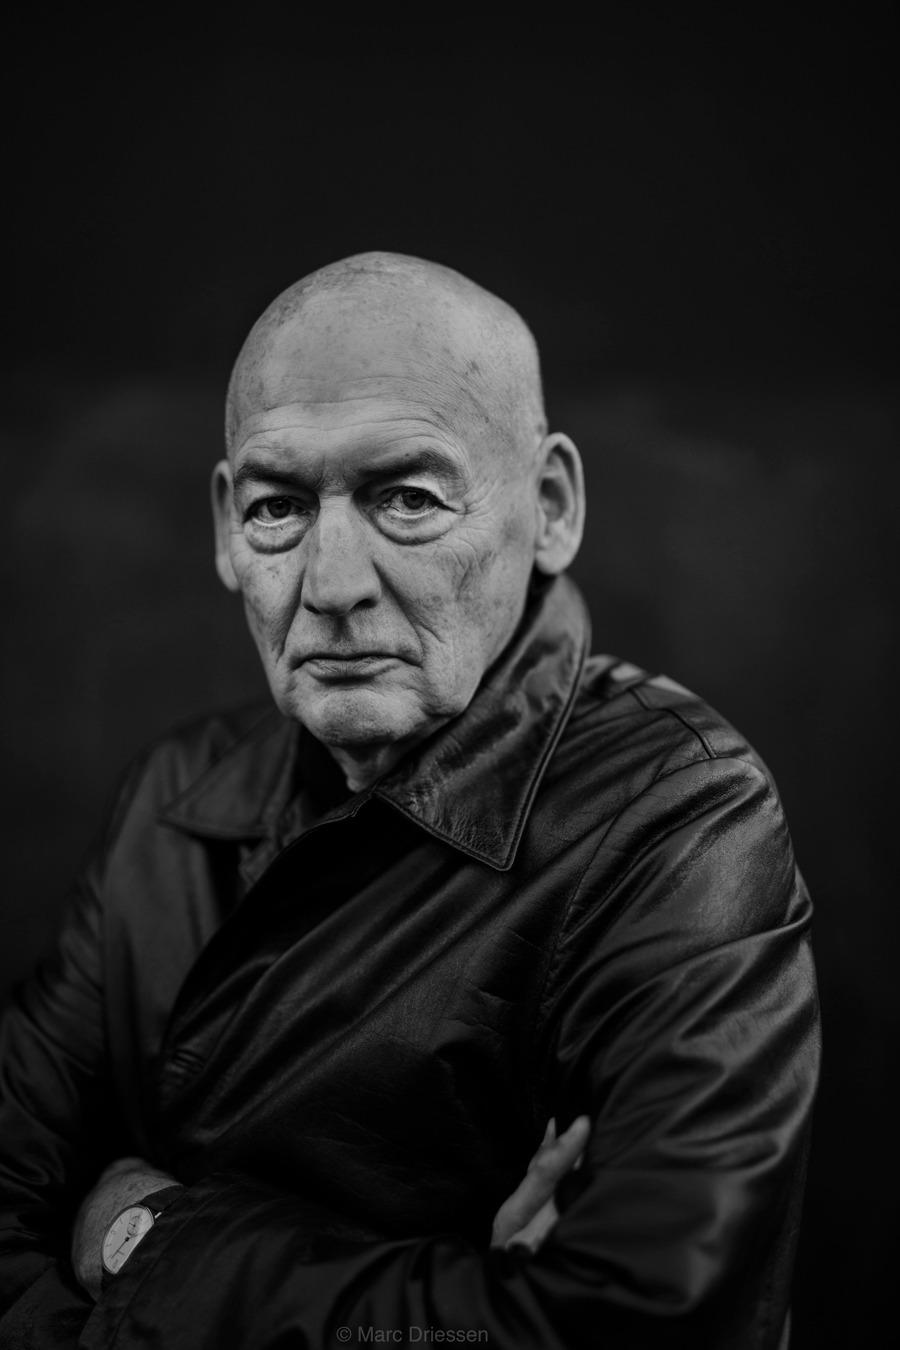 Recent portret van Architect Rem Koolhaas. In opdracht van Het Parool.